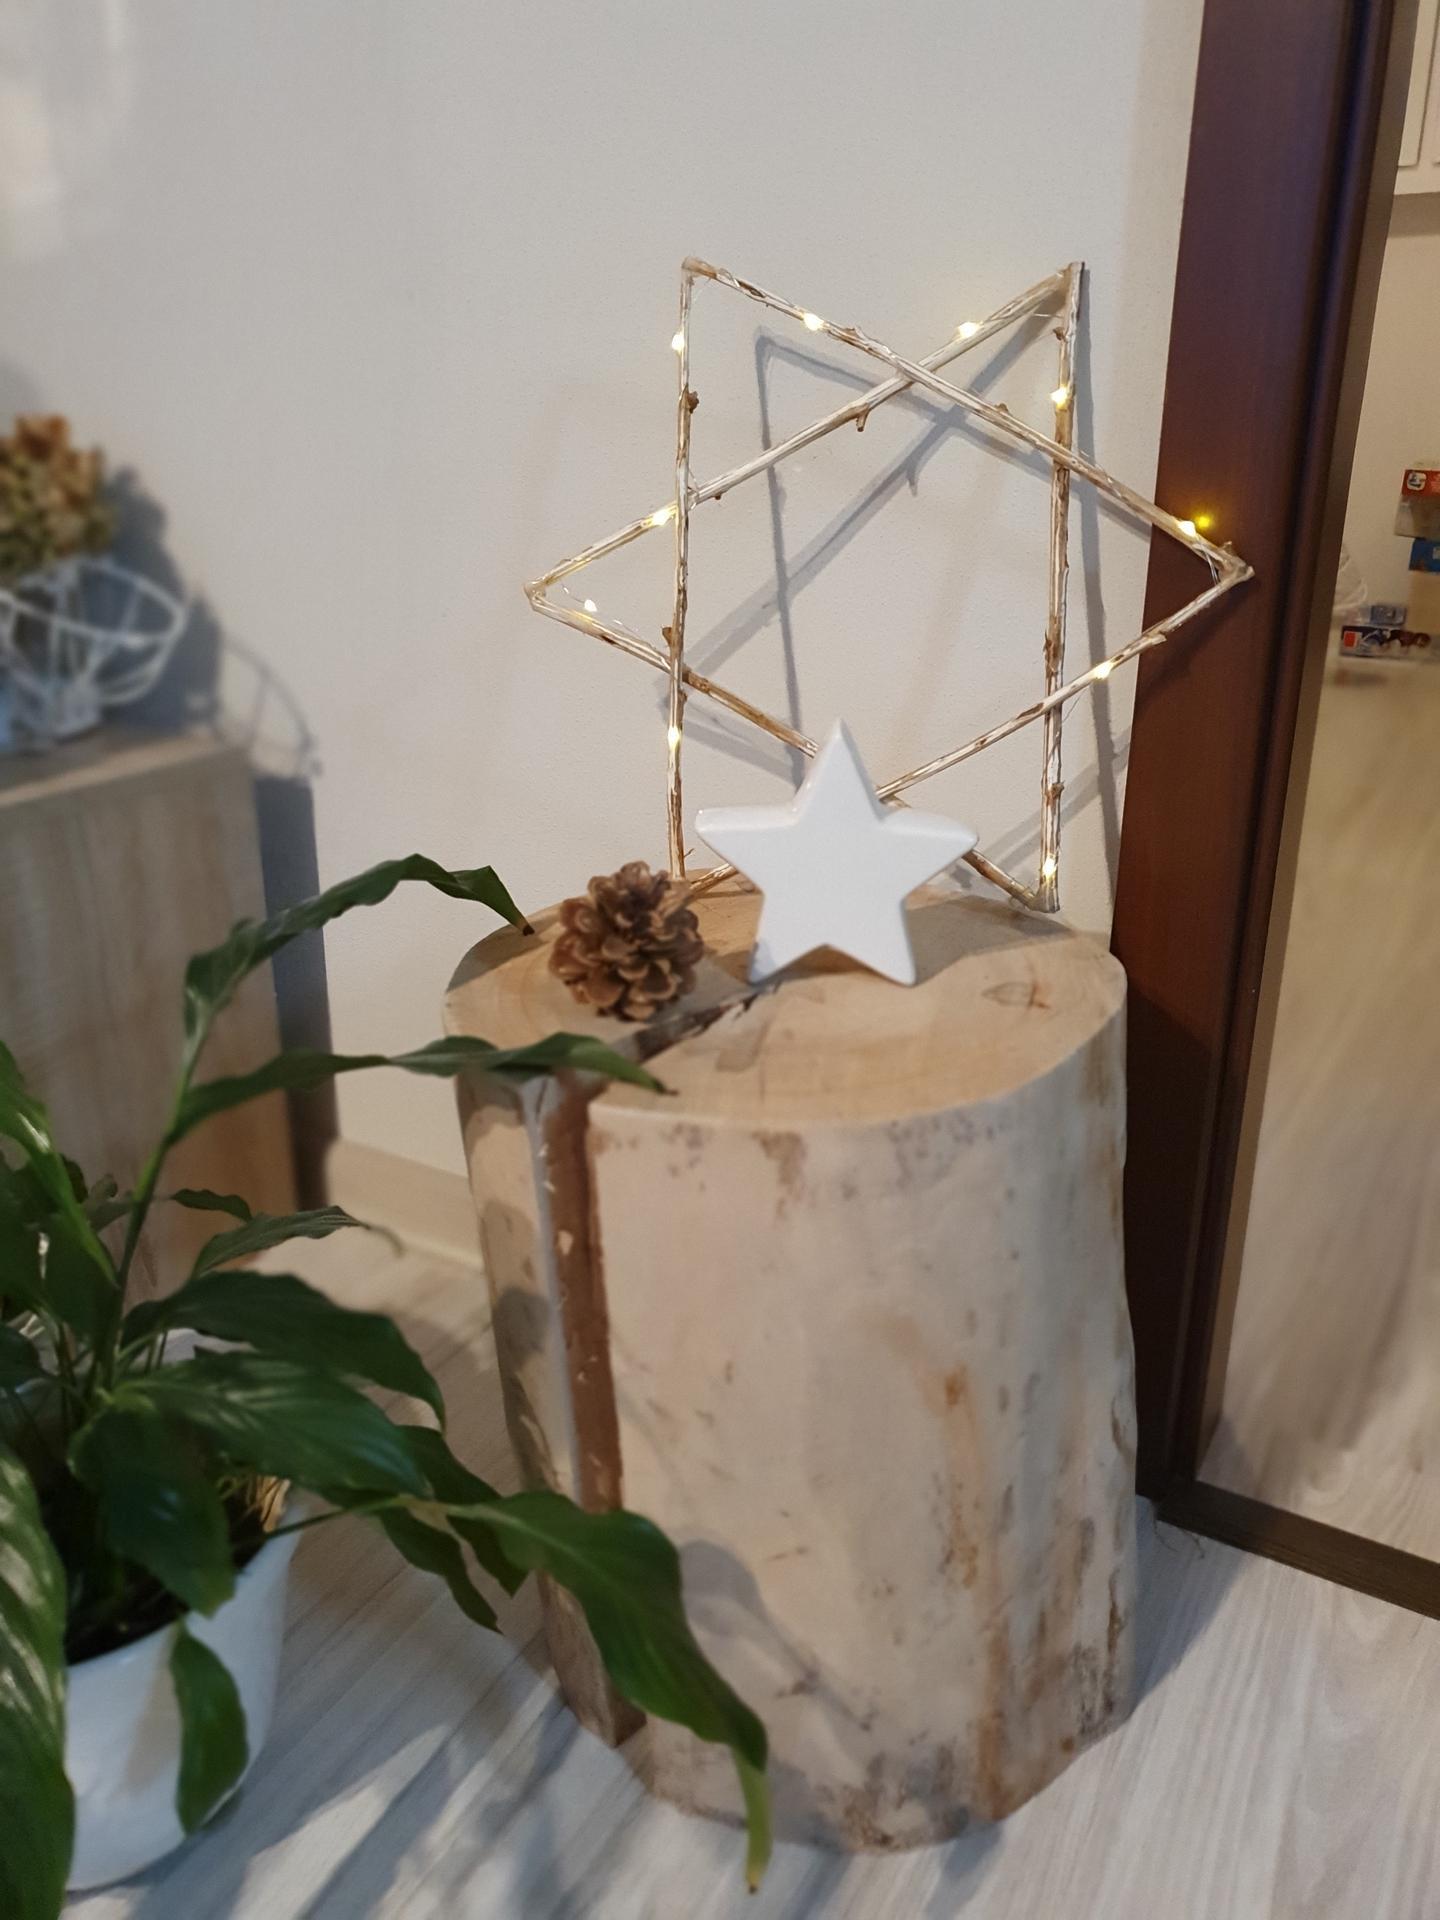 Vianočné dekorácie/Vianočná inšpirácia - Obrázok č. 29